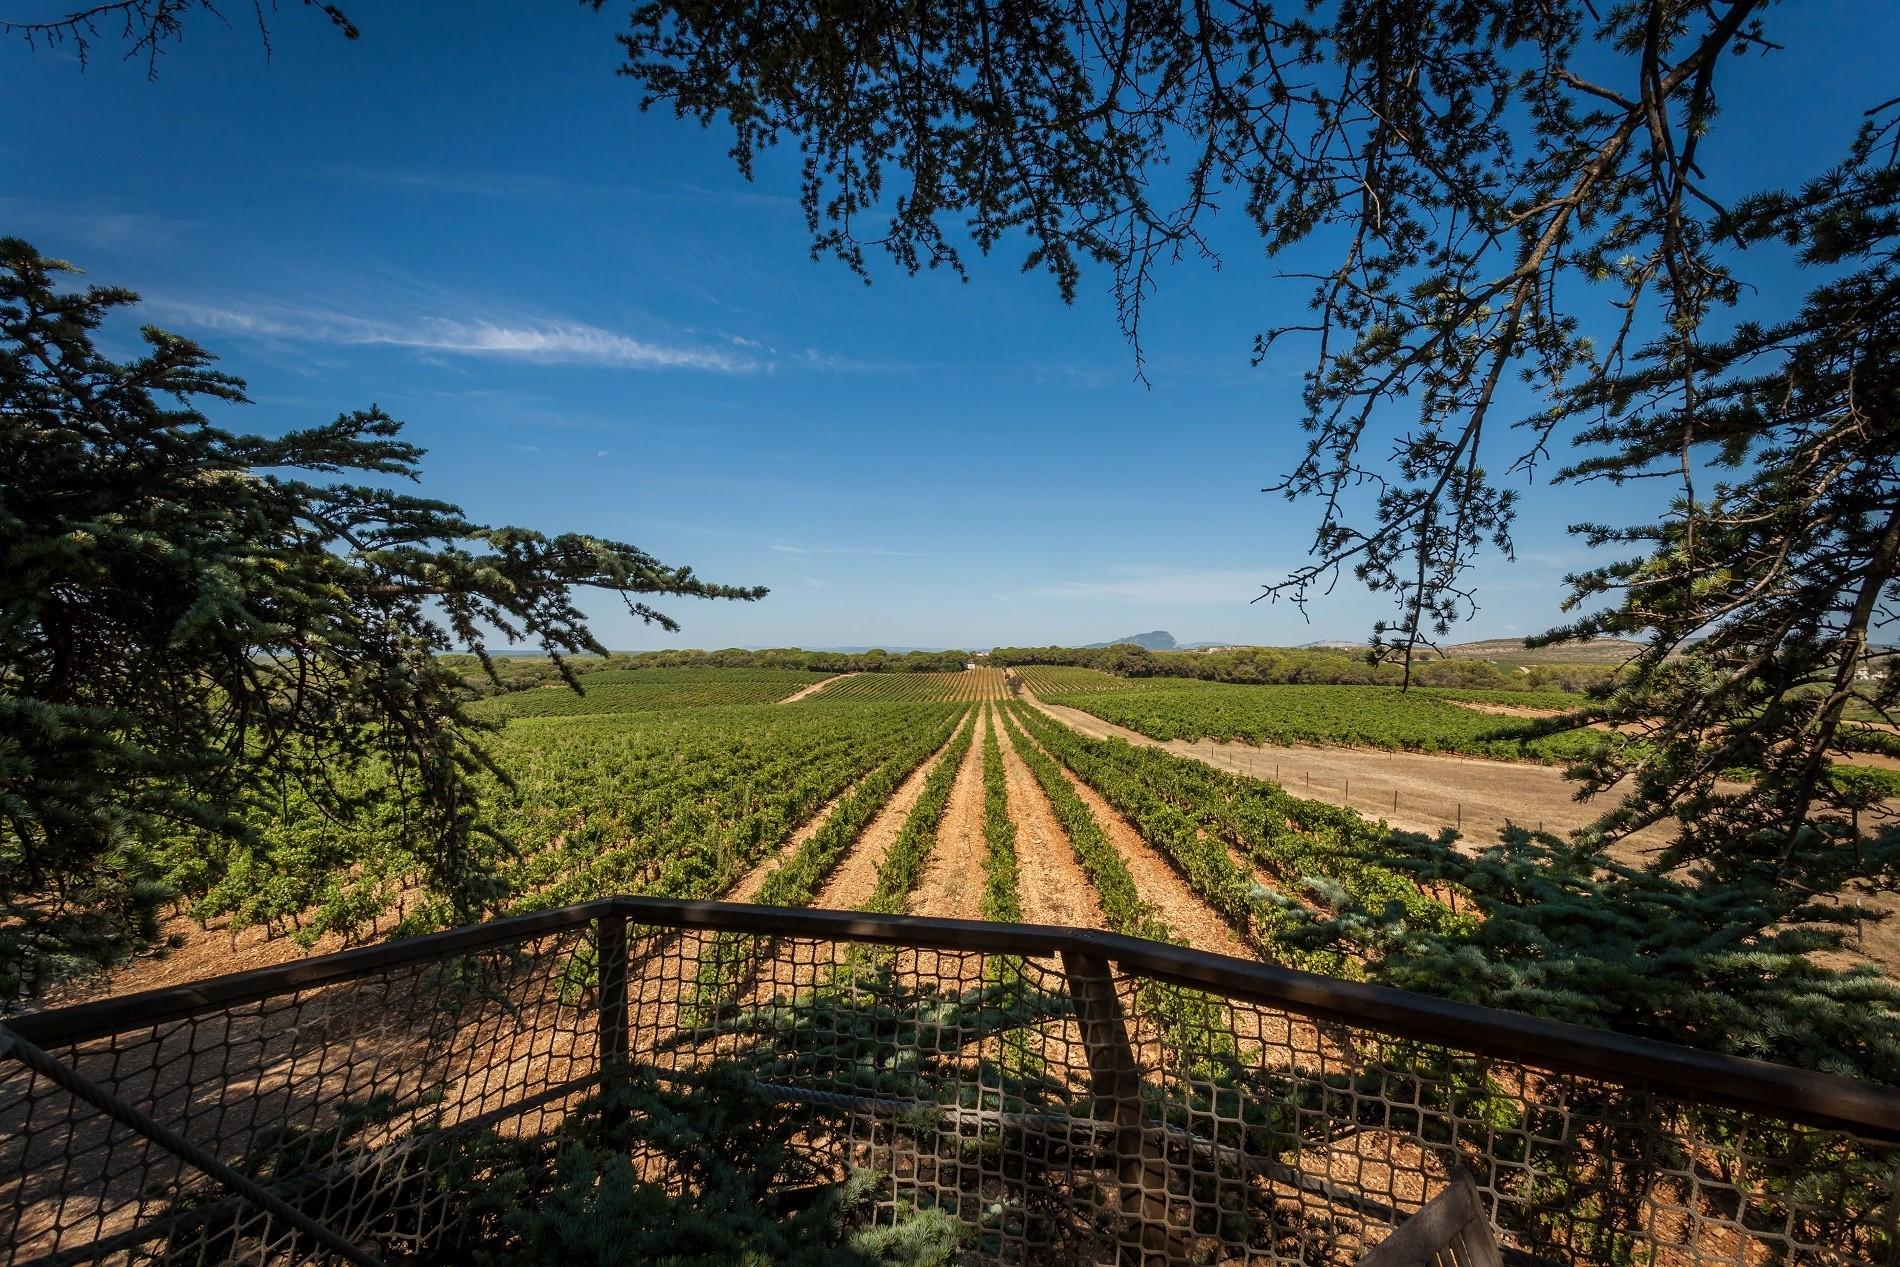 Photo 14 extérieur - Cabanes dans les arbres - Vue sur les vignes depuis la terrasse -hébergement insolite à Montpellier - Tourisme de nature - Domaine saint Jean de l'Arbousier, Castries, Hérault